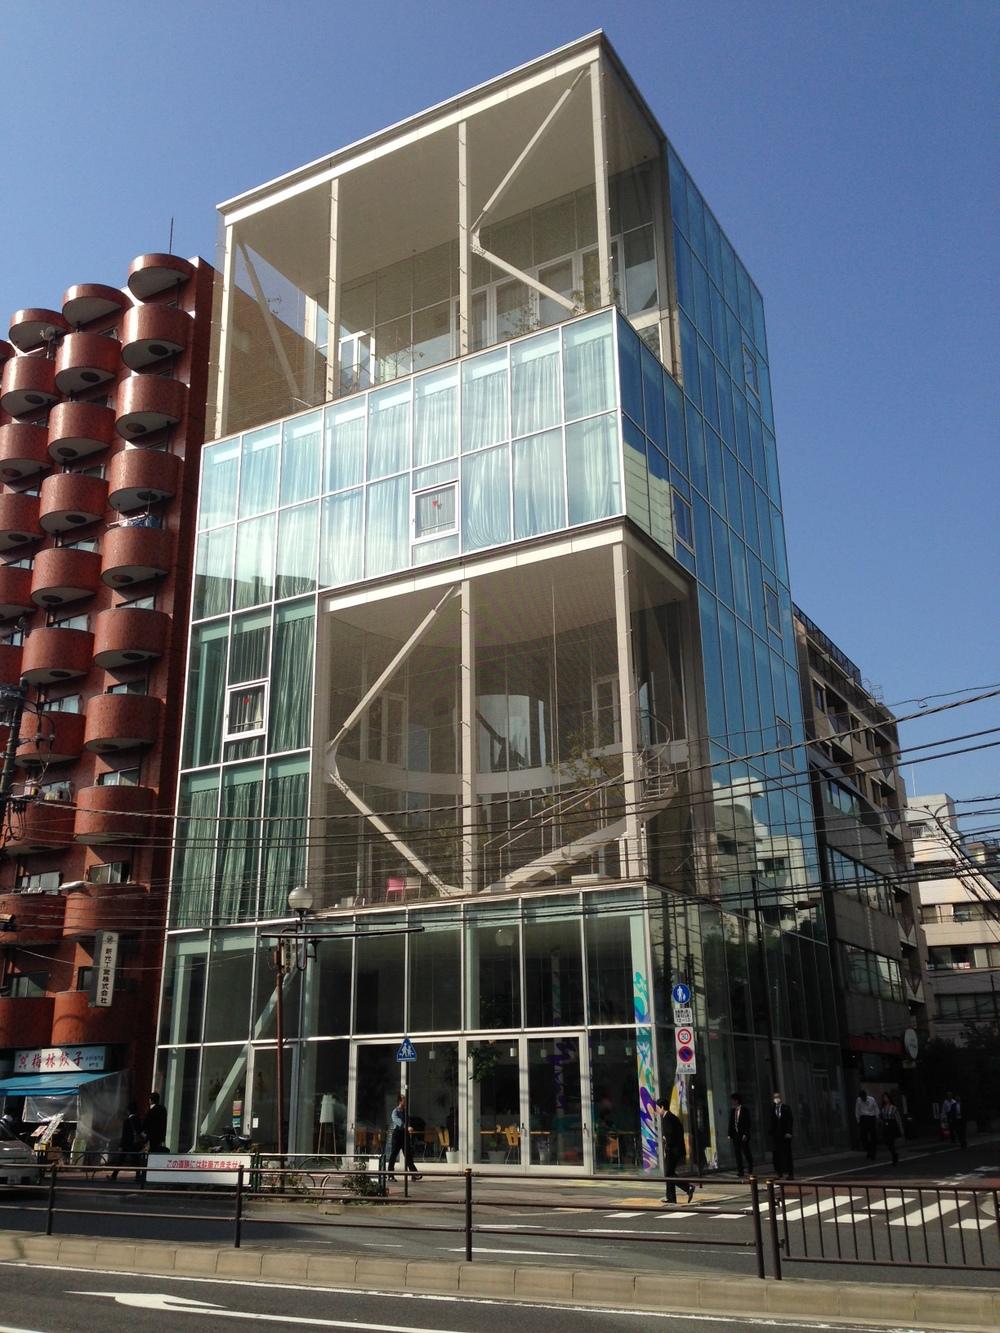 Tokyo_ShibauraHouse.JPG